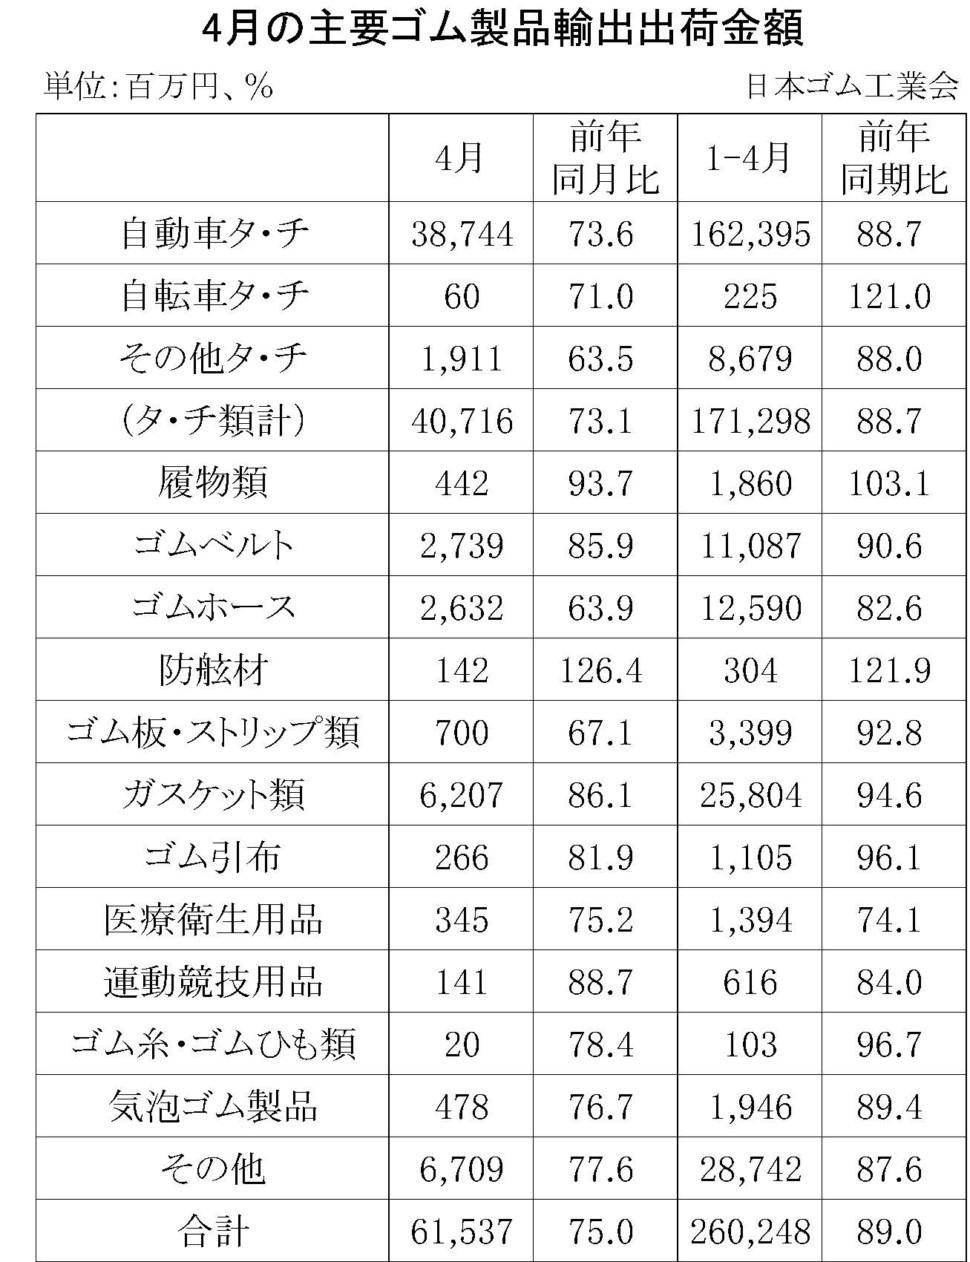 4月のゴム製品輸出